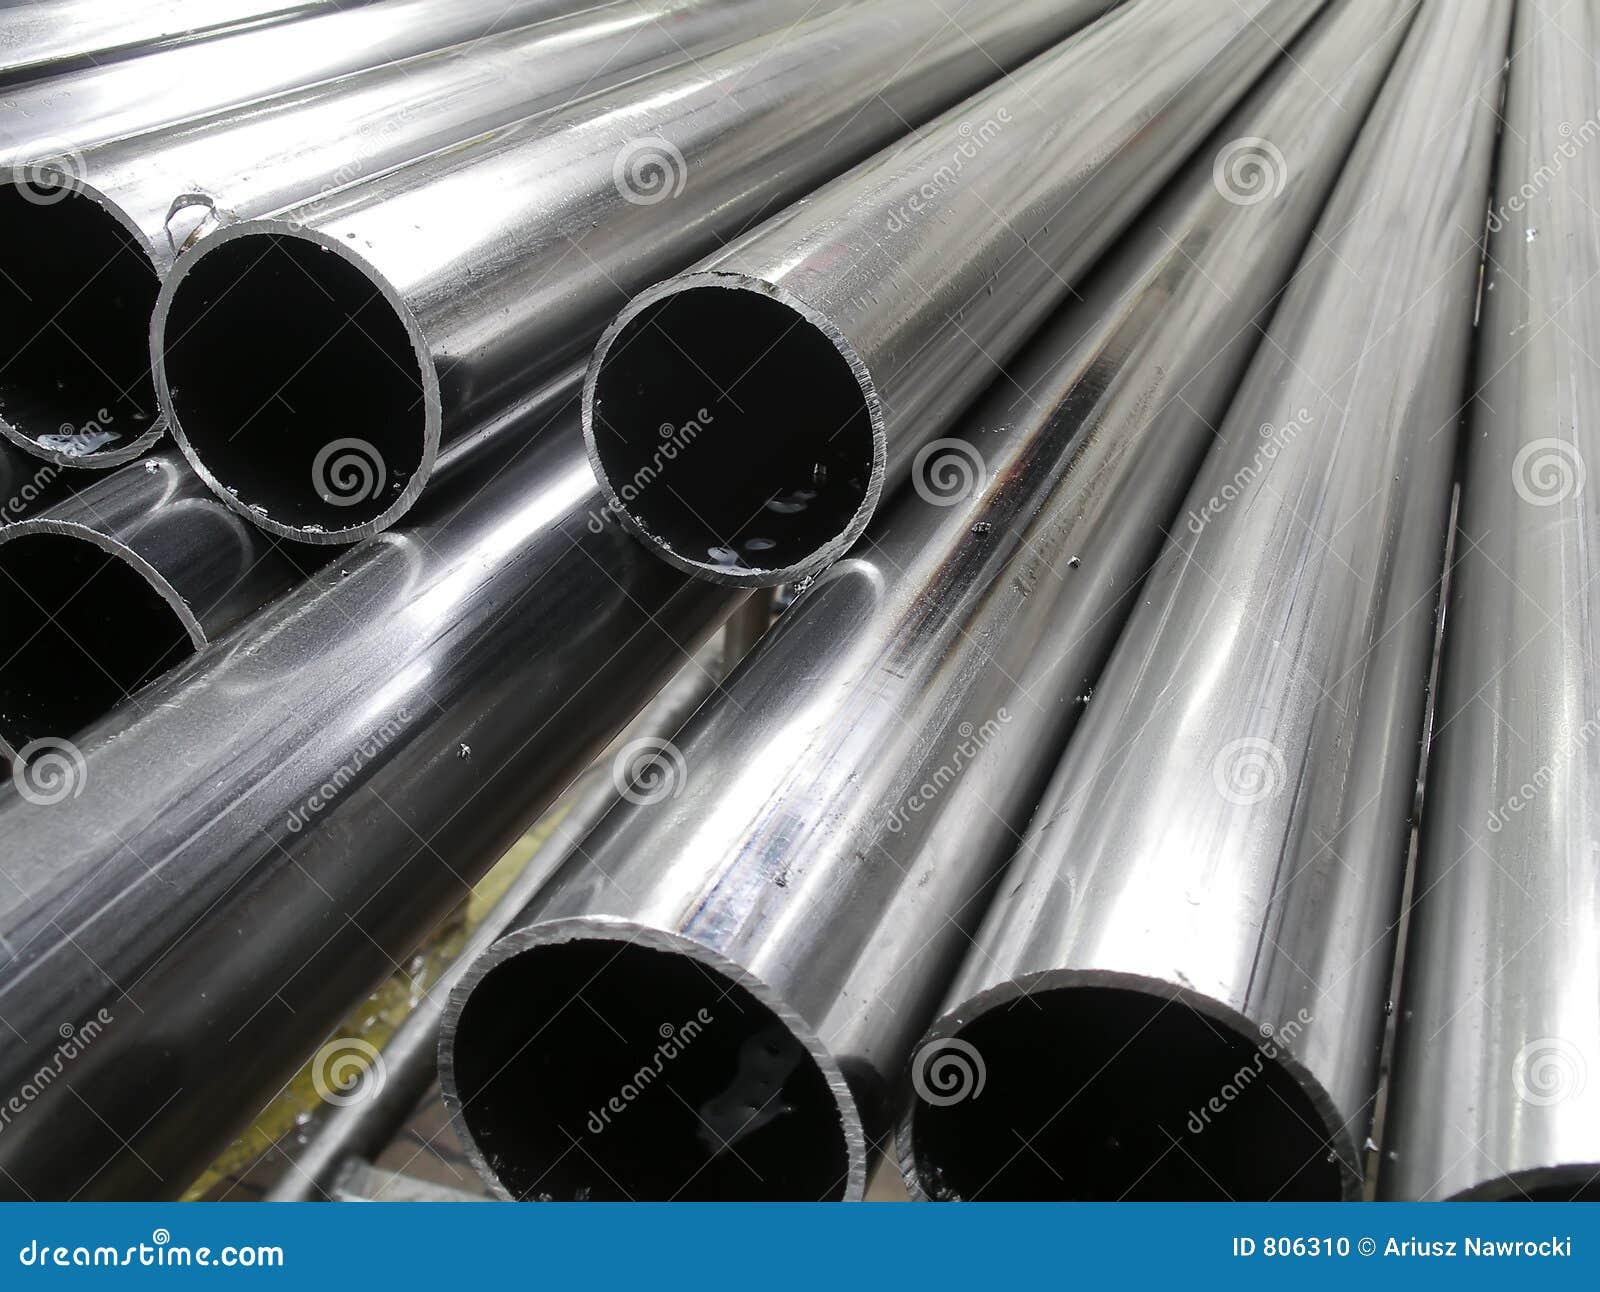 Tubos de aluminio foto de archivo imagen de redondo - Tubo de aluminio redondo ...